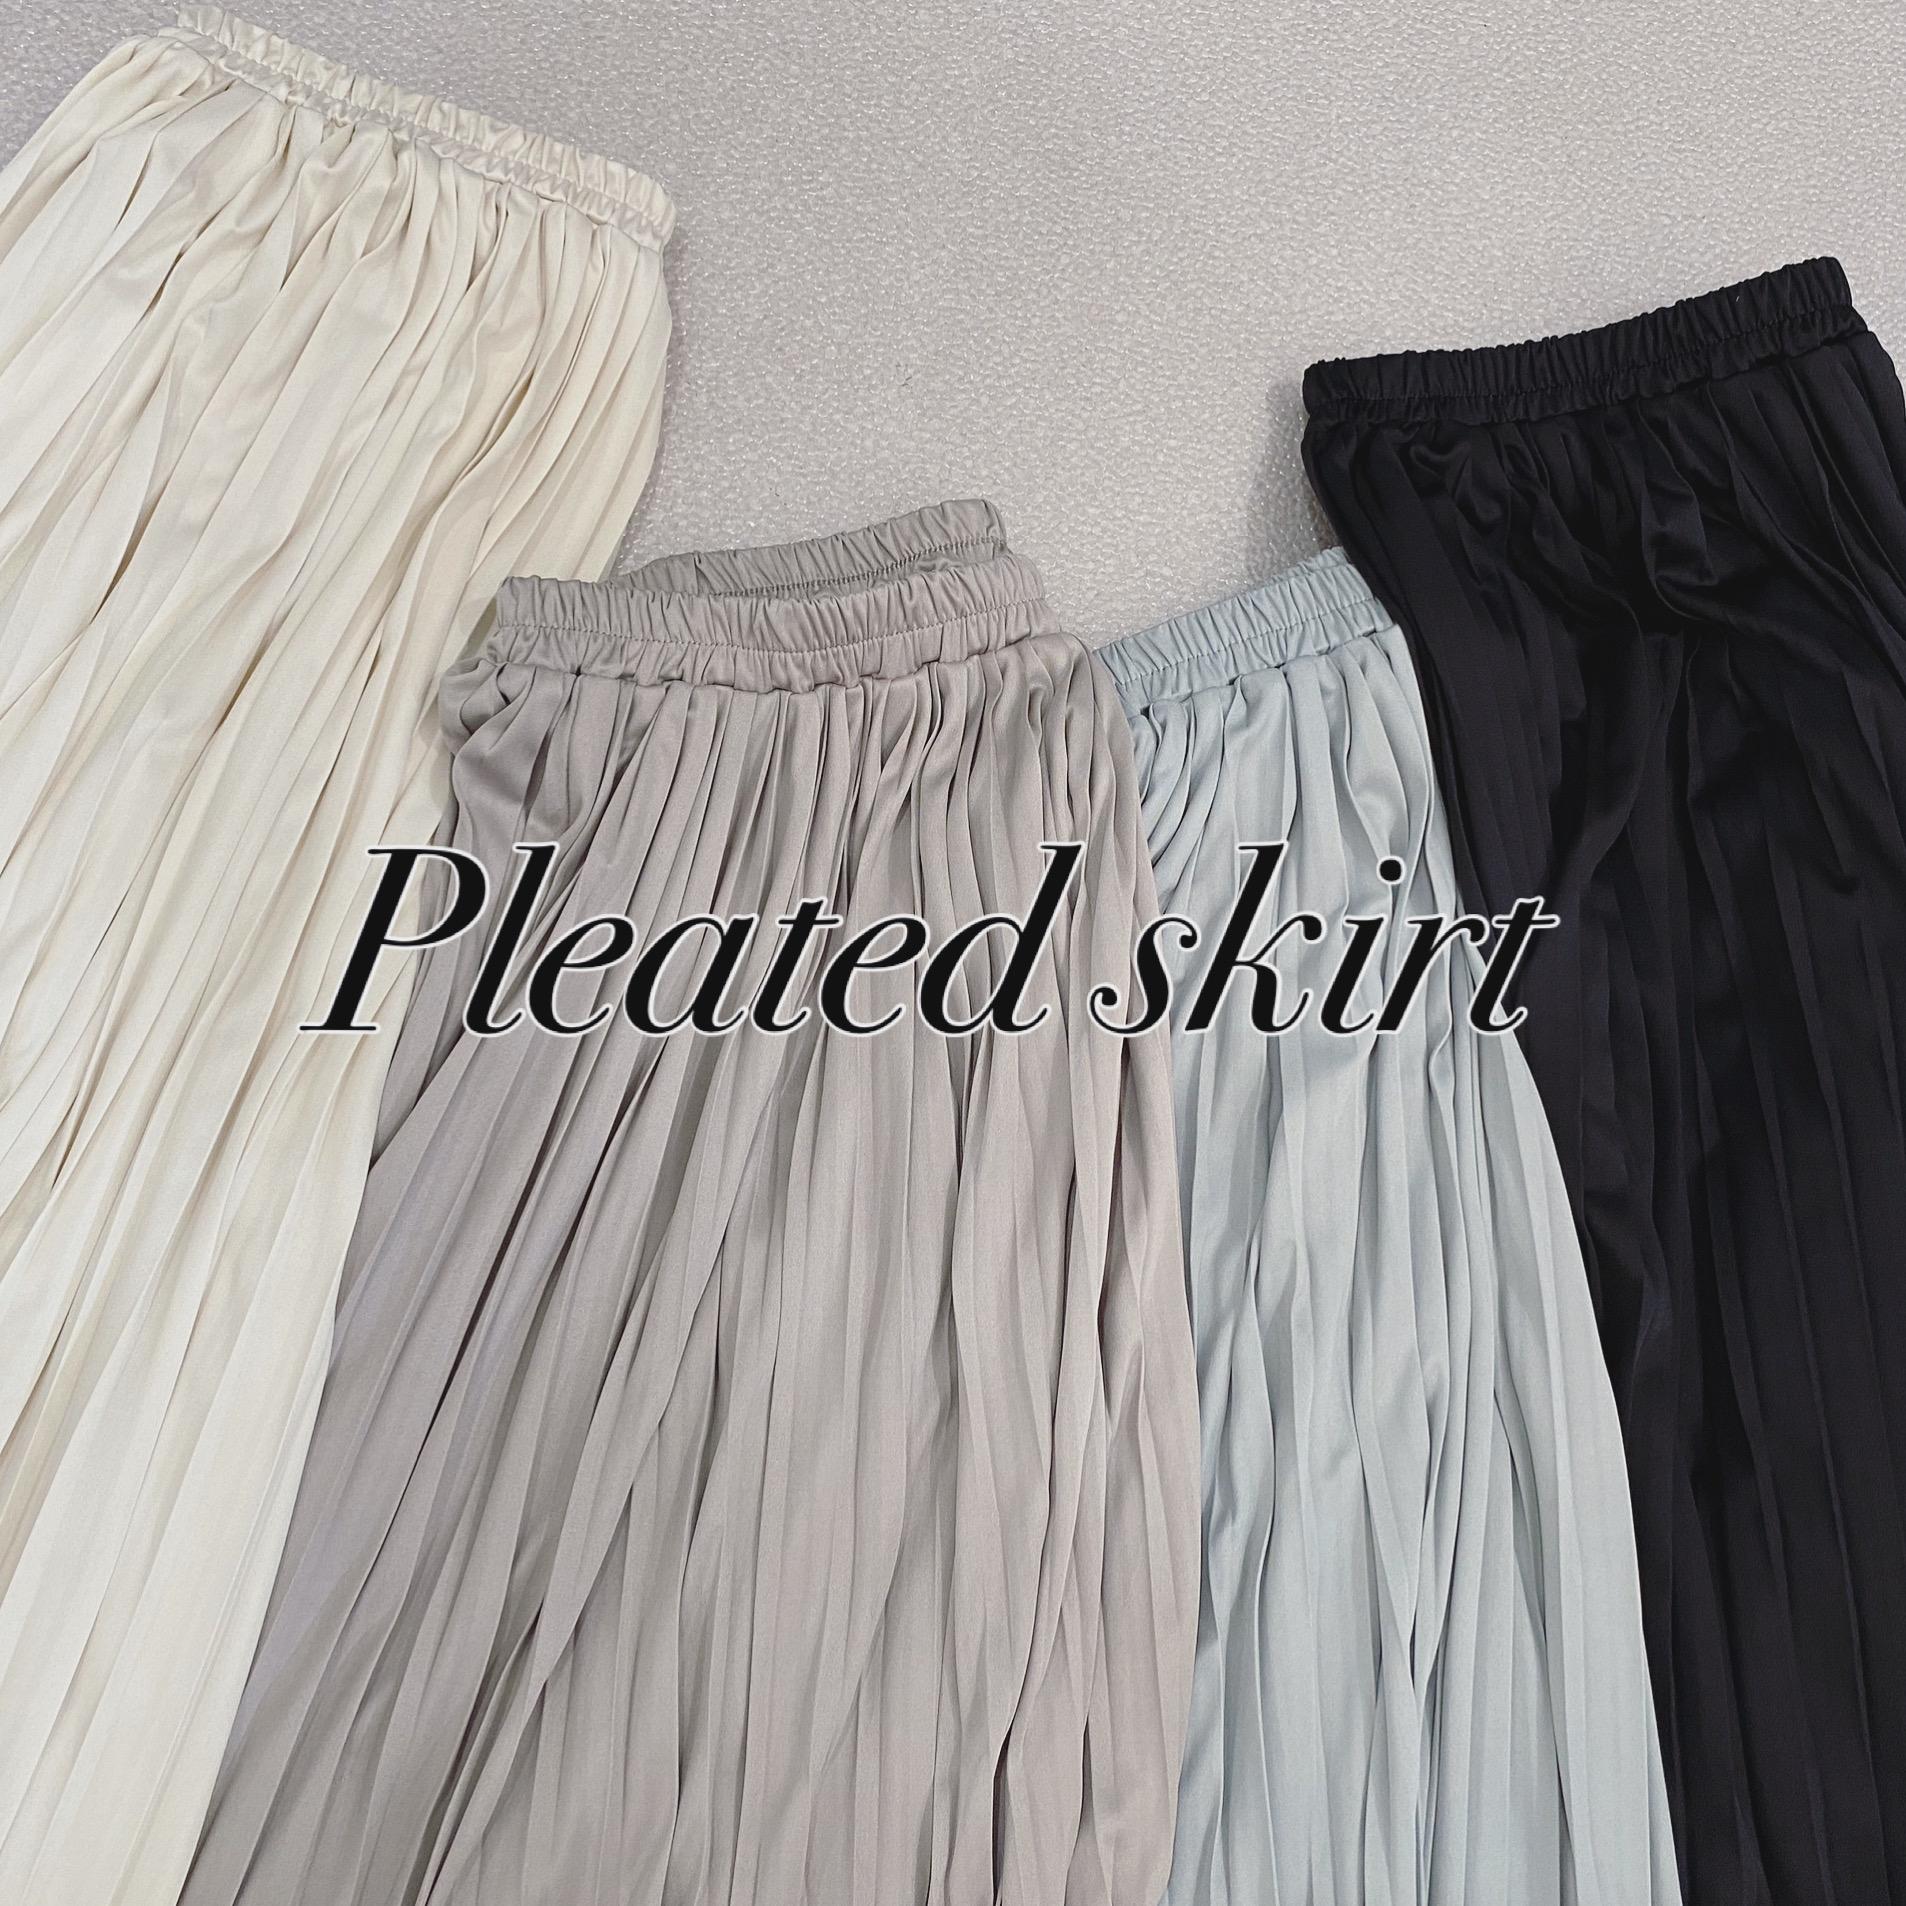 インナーにしておくのはもったいないくらい履きこめるスカート。